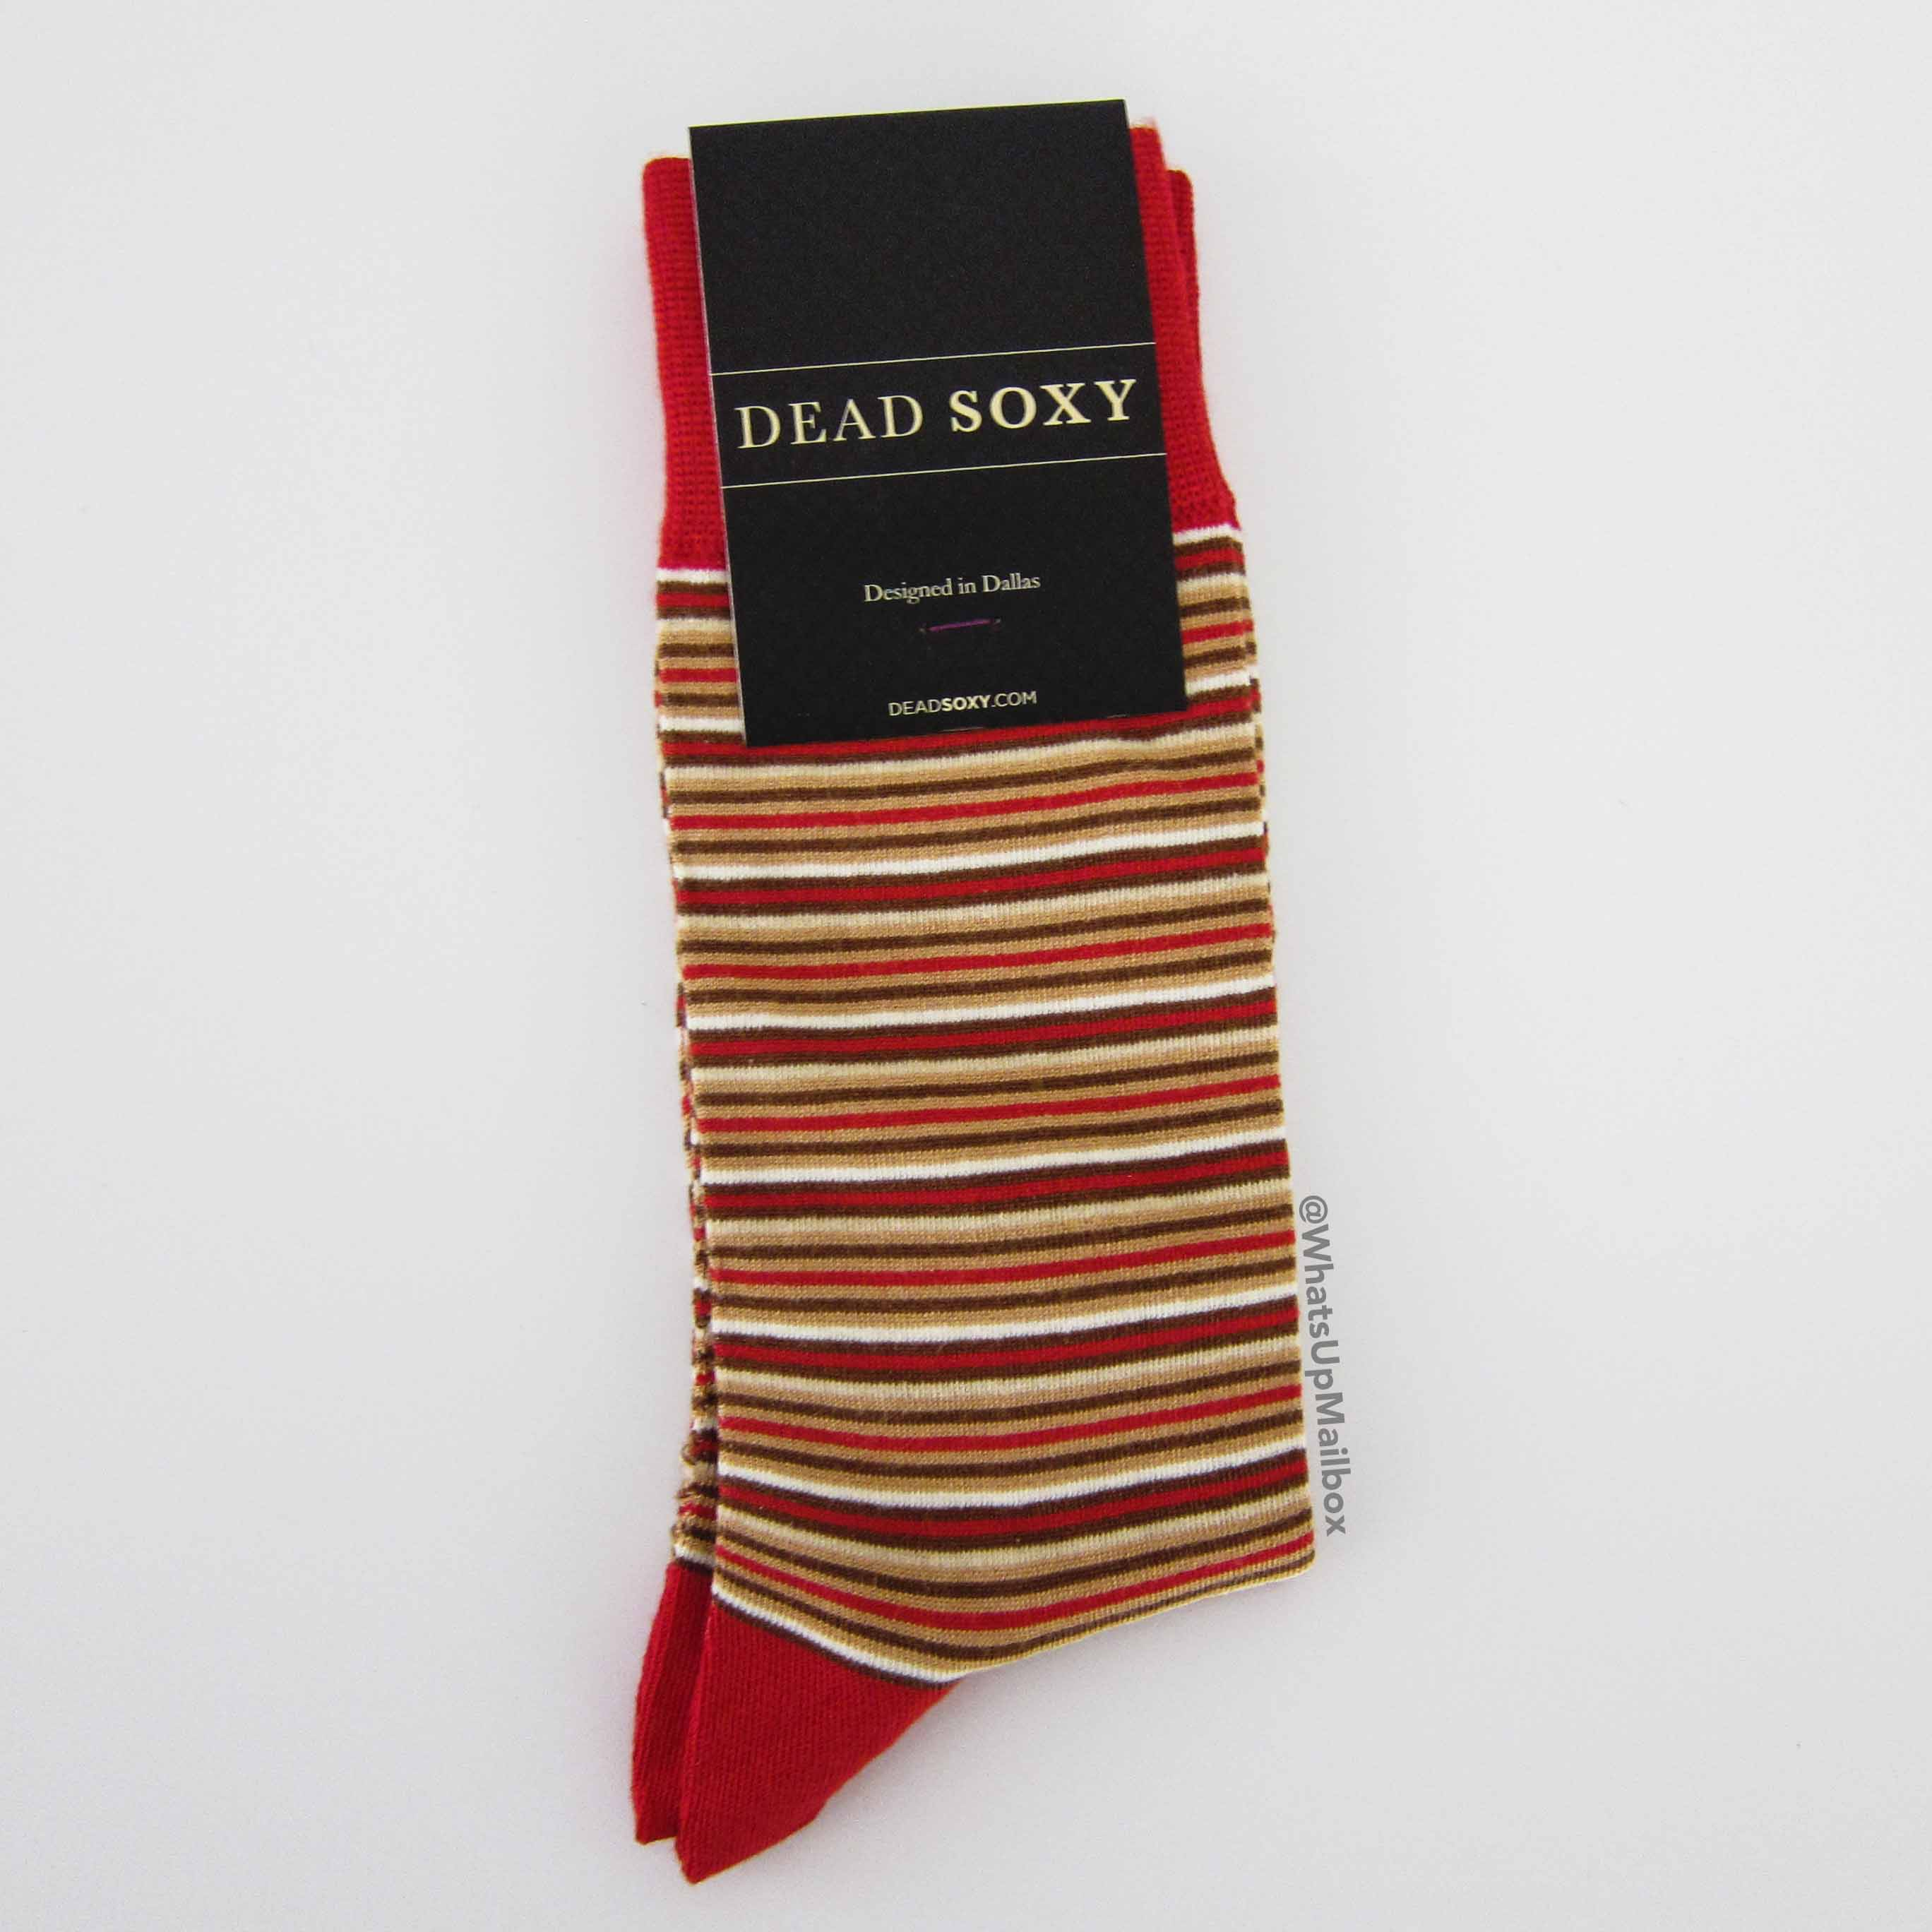 DEAD SOXY Teddy Socks